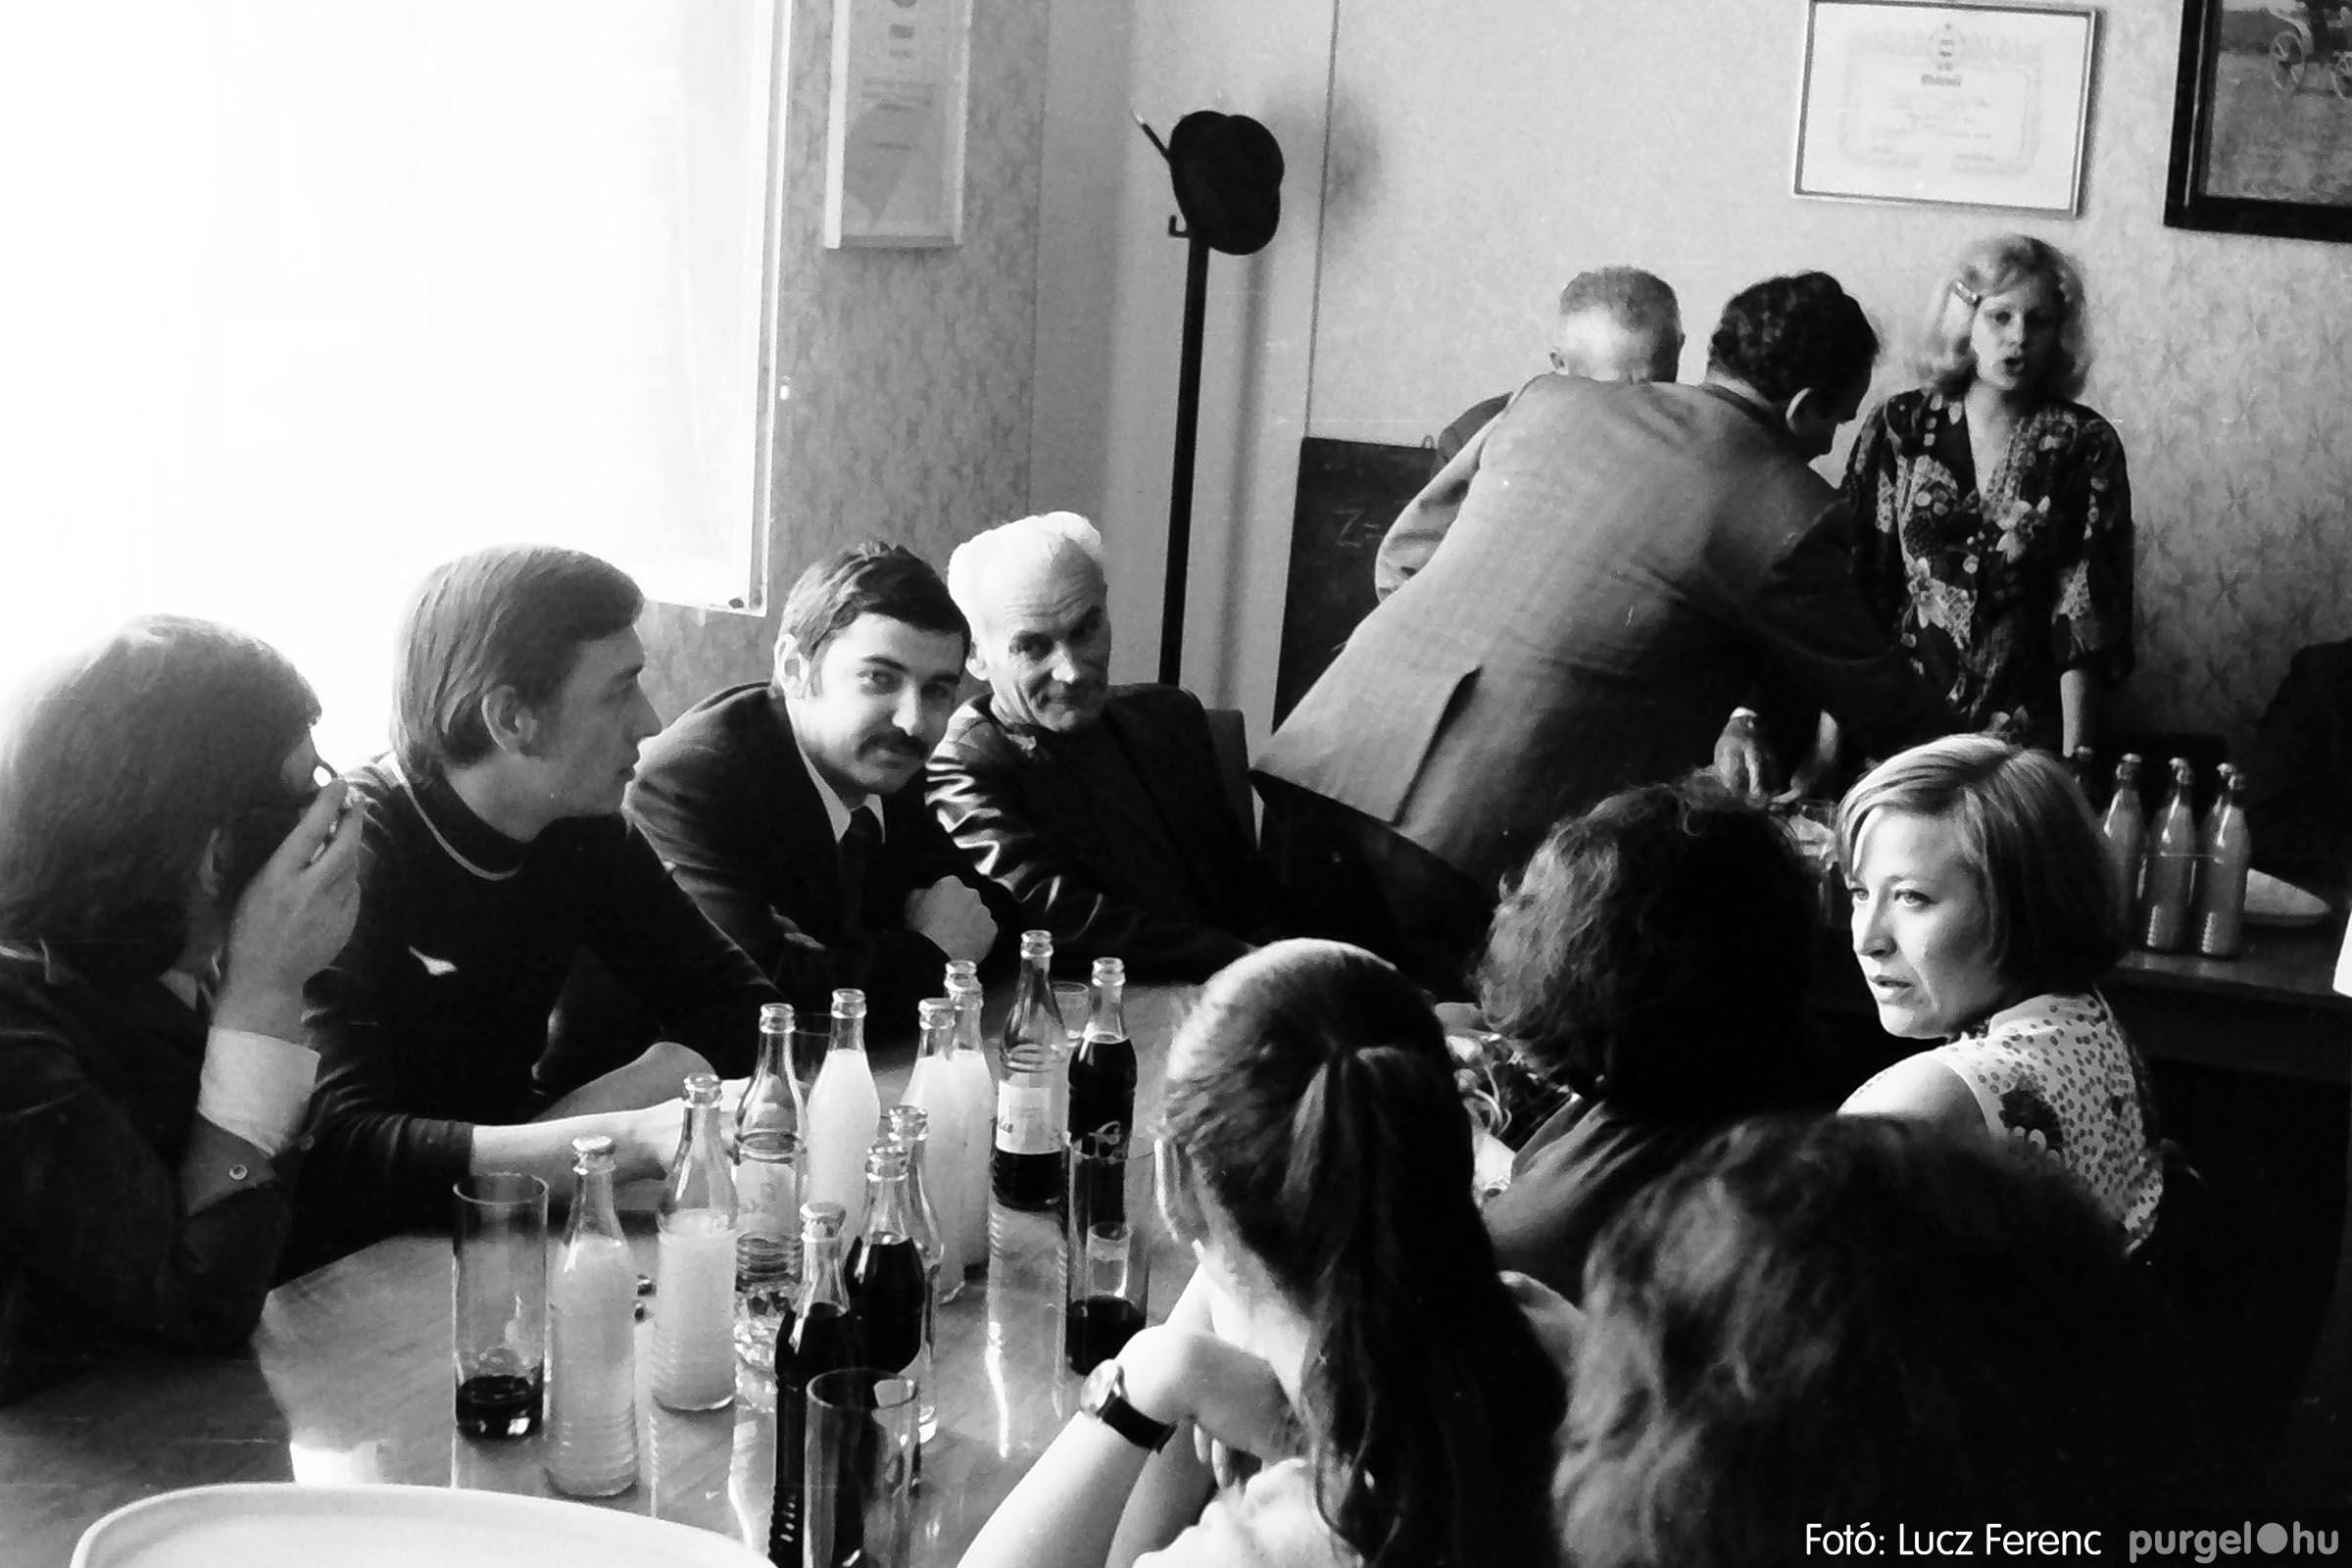 013 1975.04. A felszabadulási munkaverseny győztes üzeme 019 - Fotó: Lucz Ferenc IMG00126q.jpg